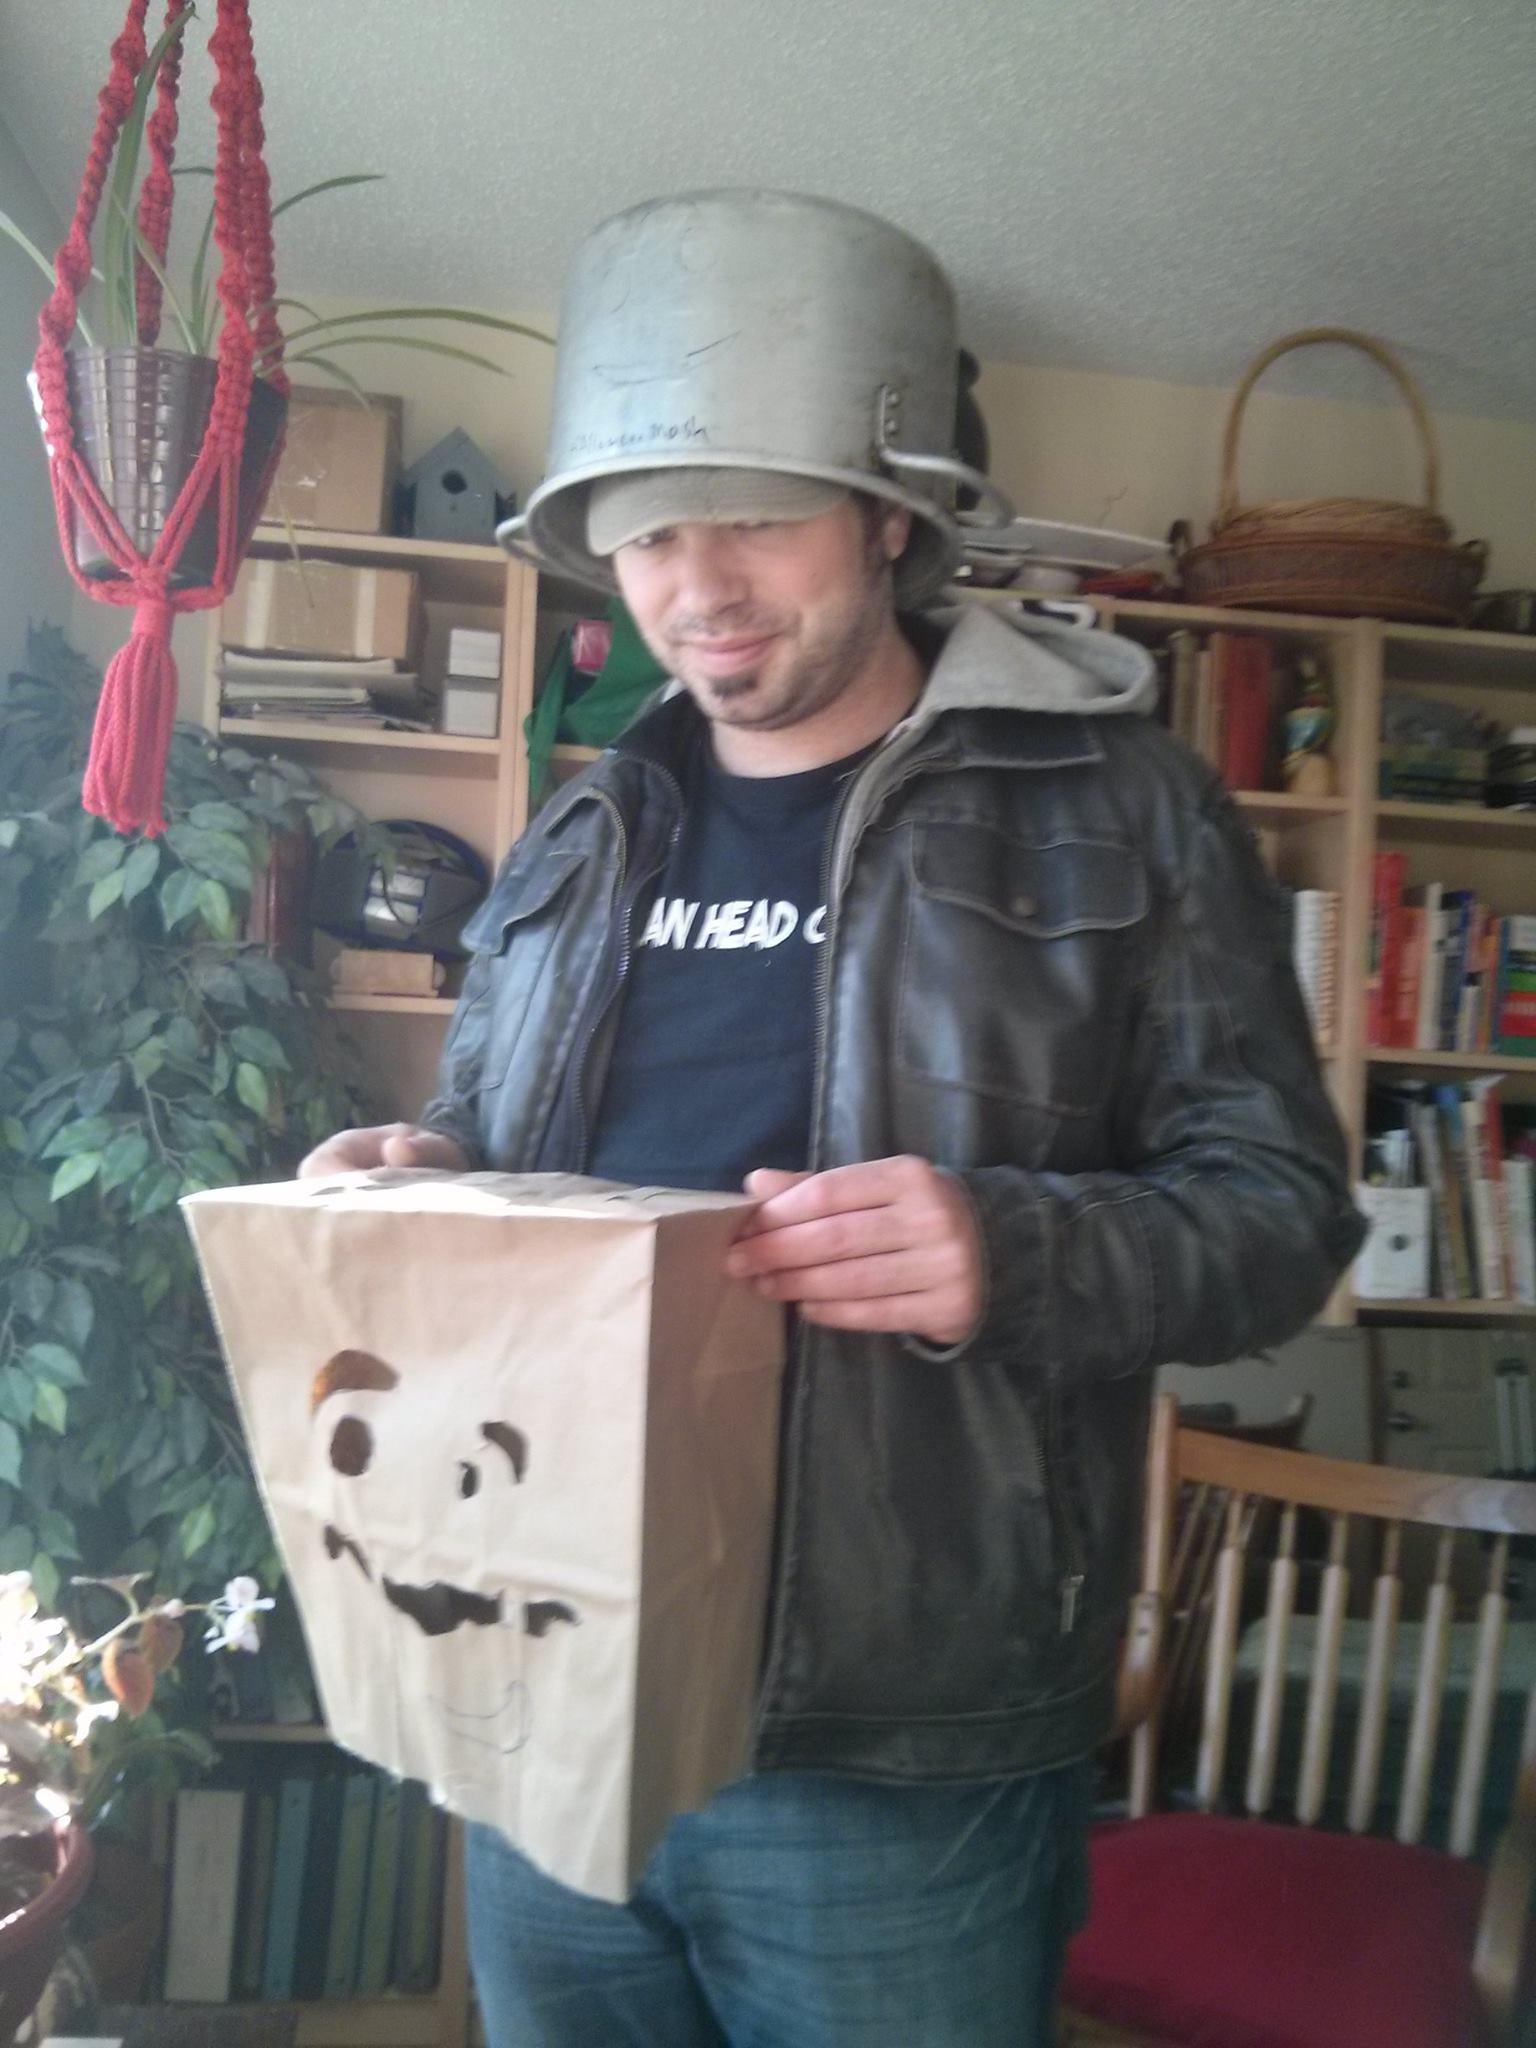 Halloween Costume Recap 2007 - 2014